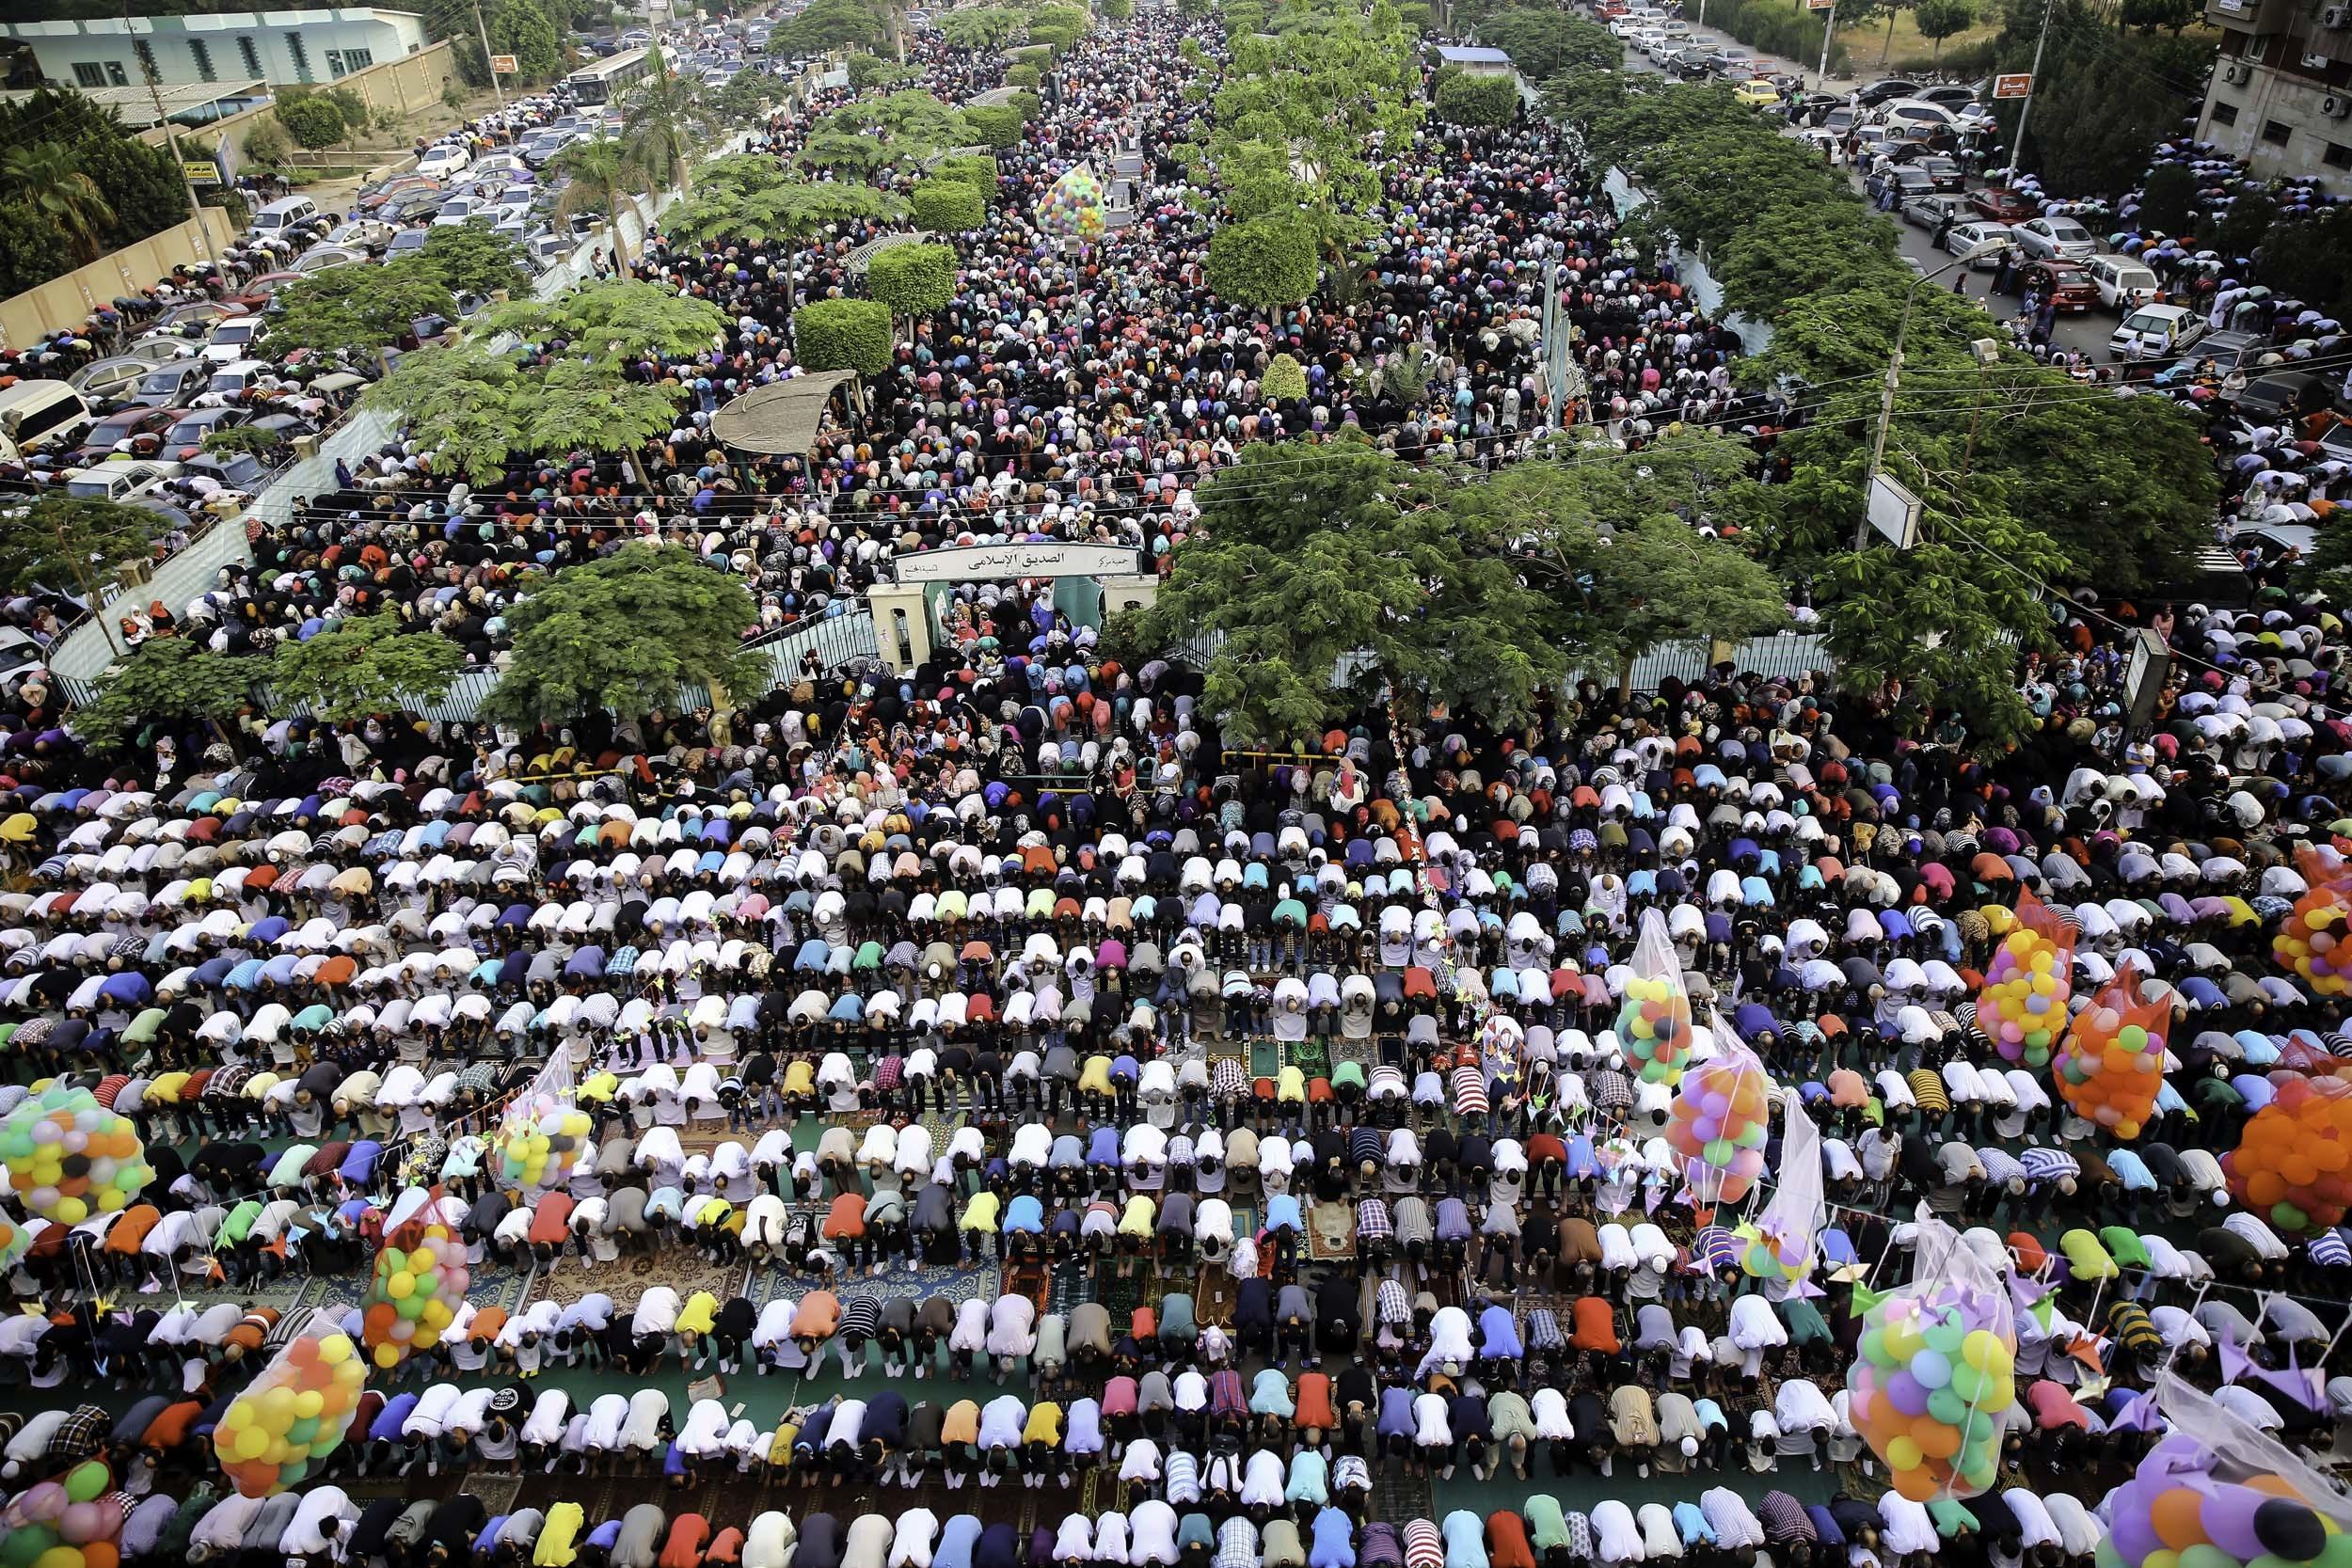 محافظة الغربية توفر 337 ساحة لصلاة عيد الفطر المبارك